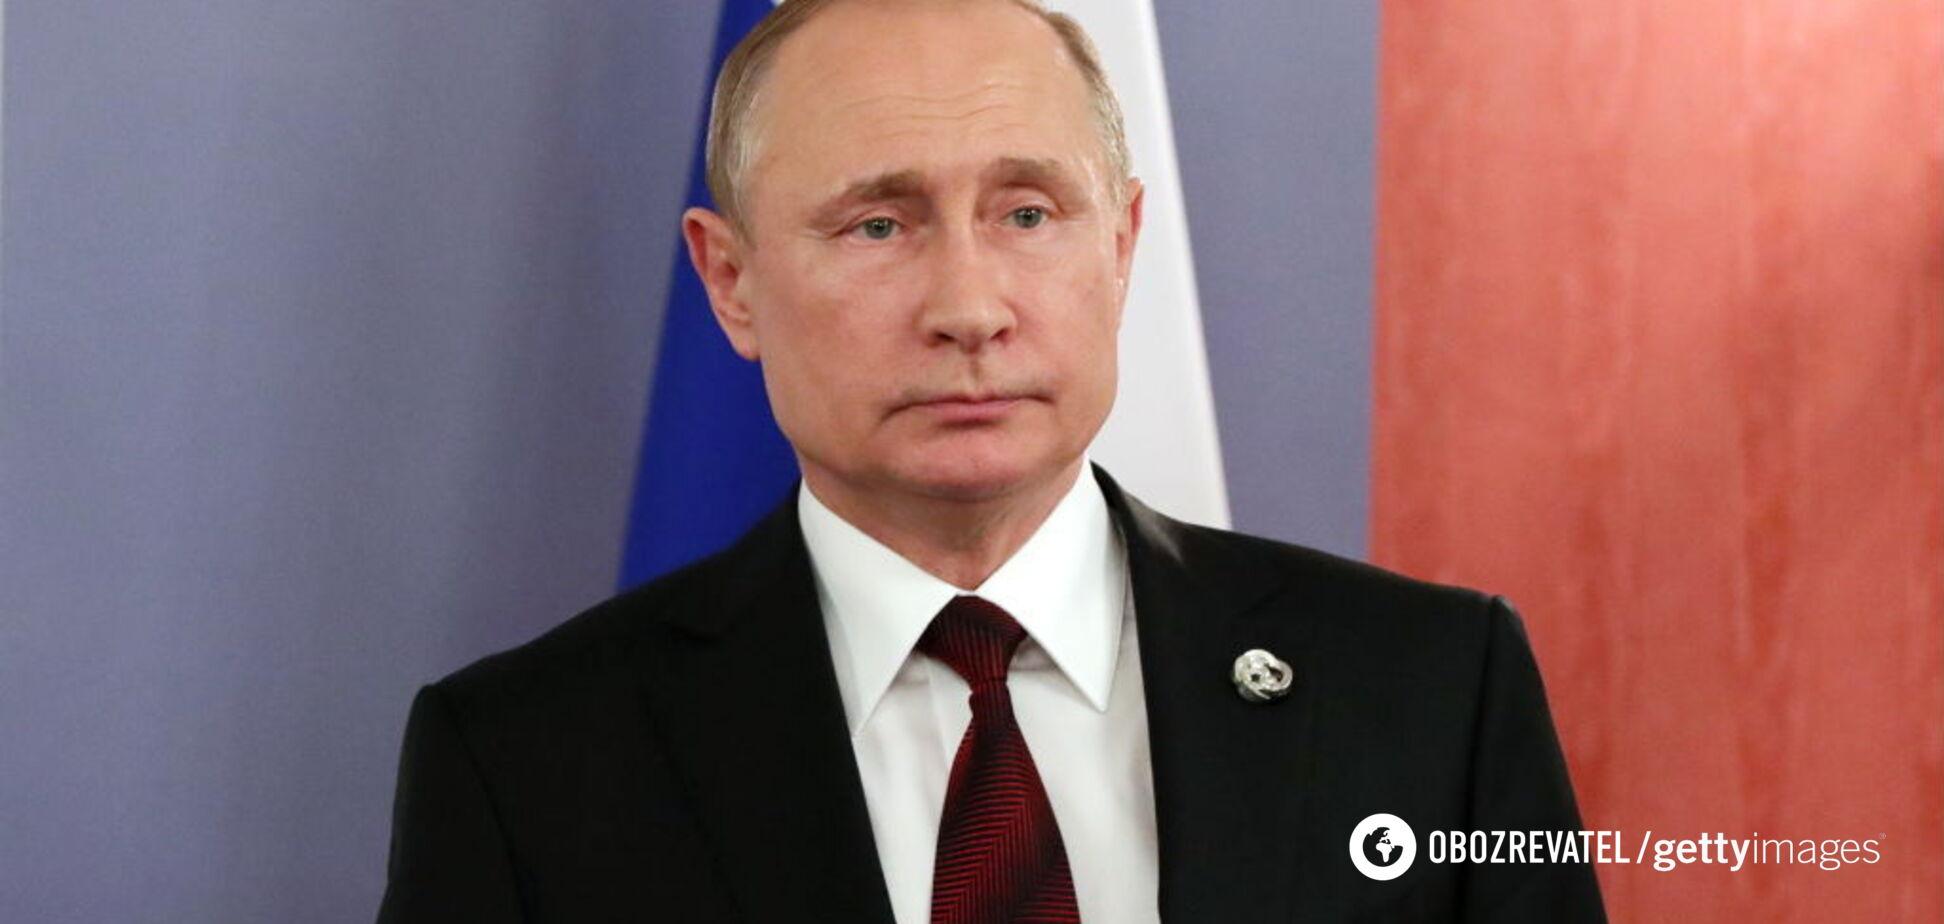 Будет объявлено: Путин недееспособен